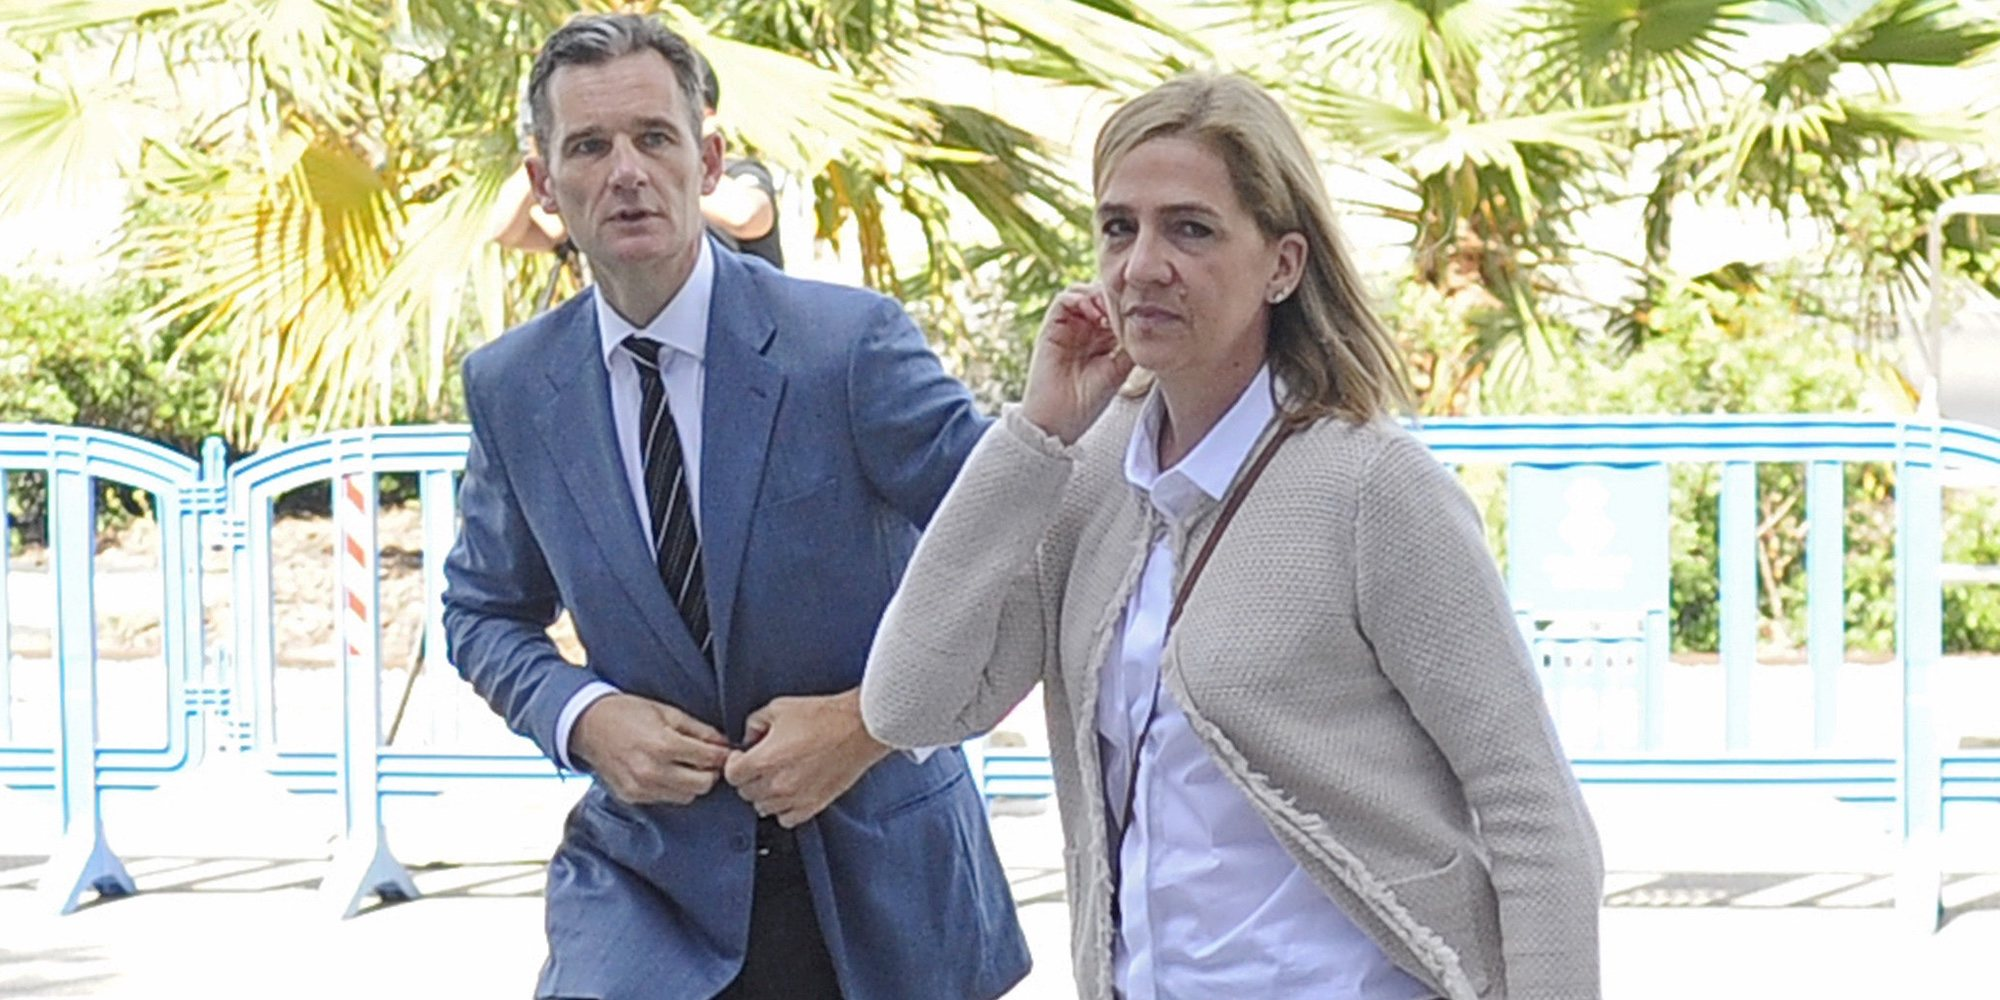 Las dudas y tensión de Iñaki Urdangarin y los consejos que la Infanta Cristina no quiere escuchar